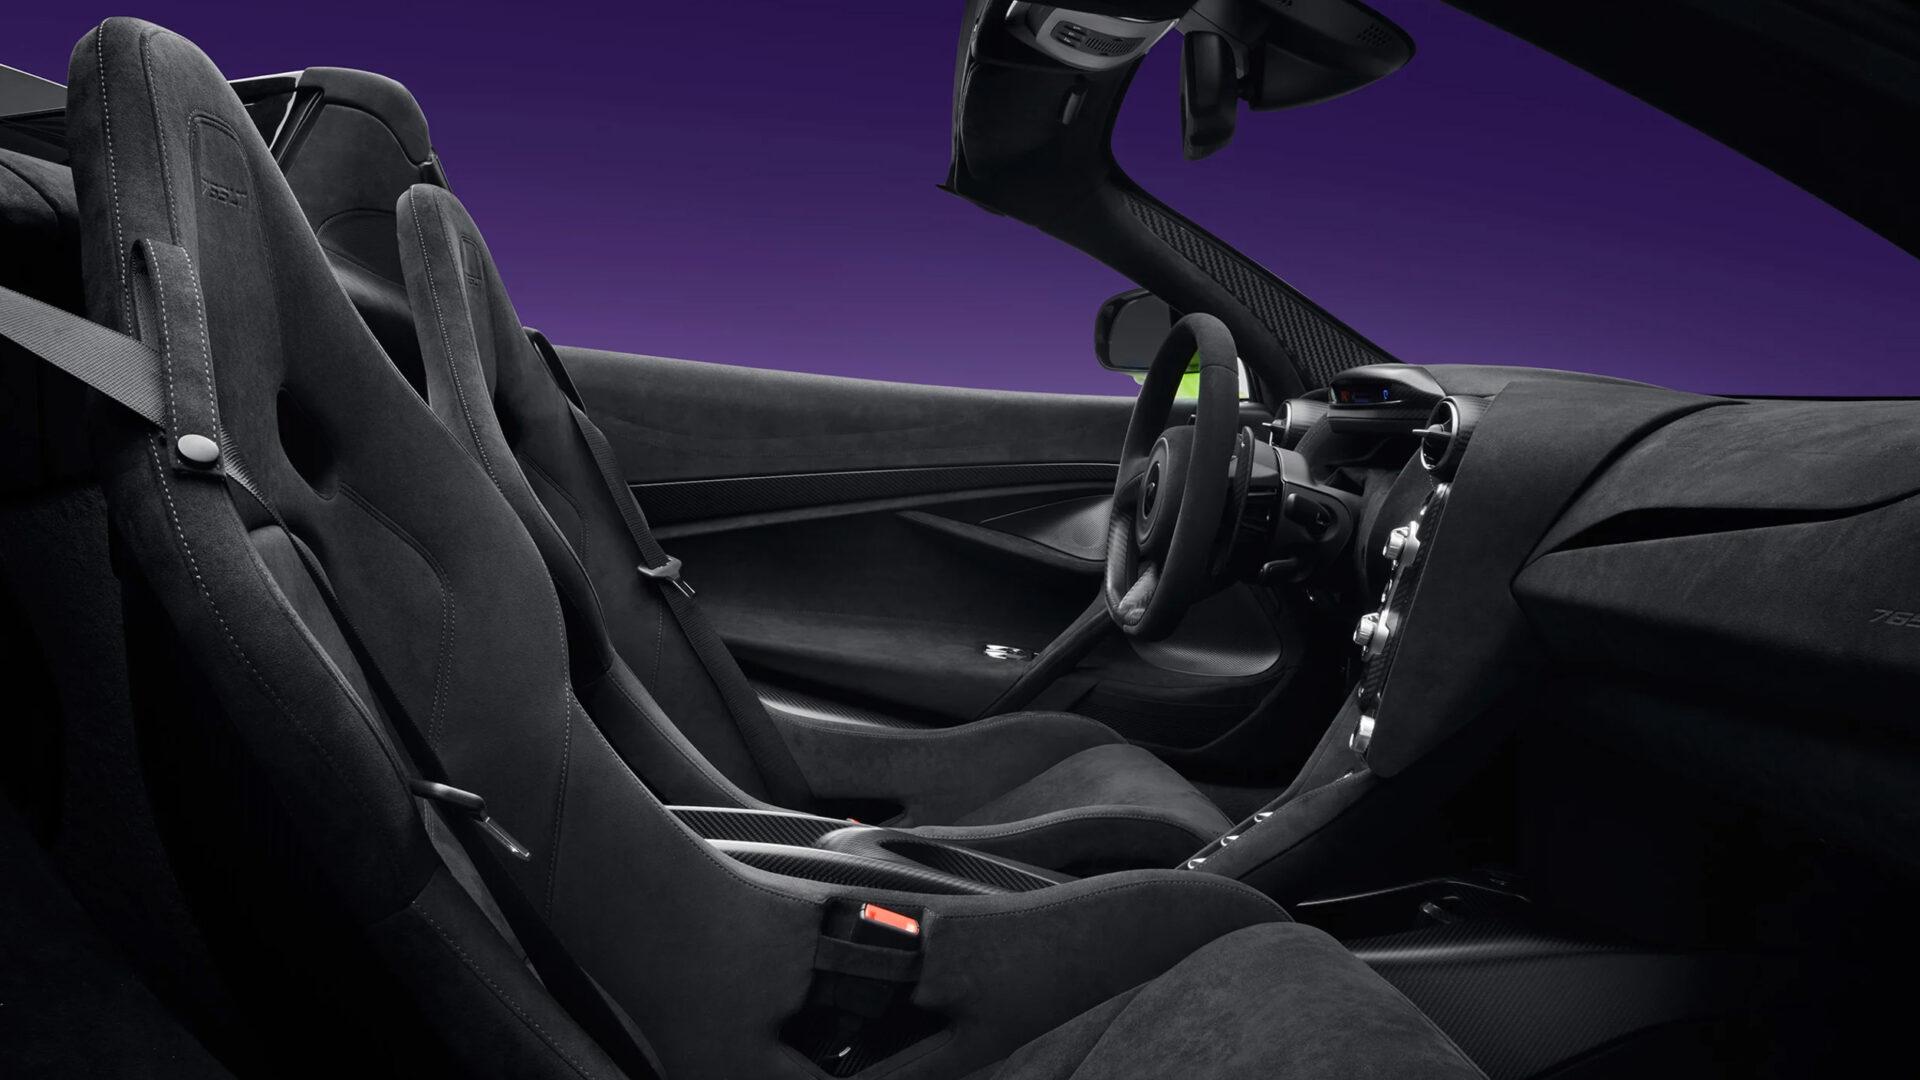 McLaren 765 LT Spider interior